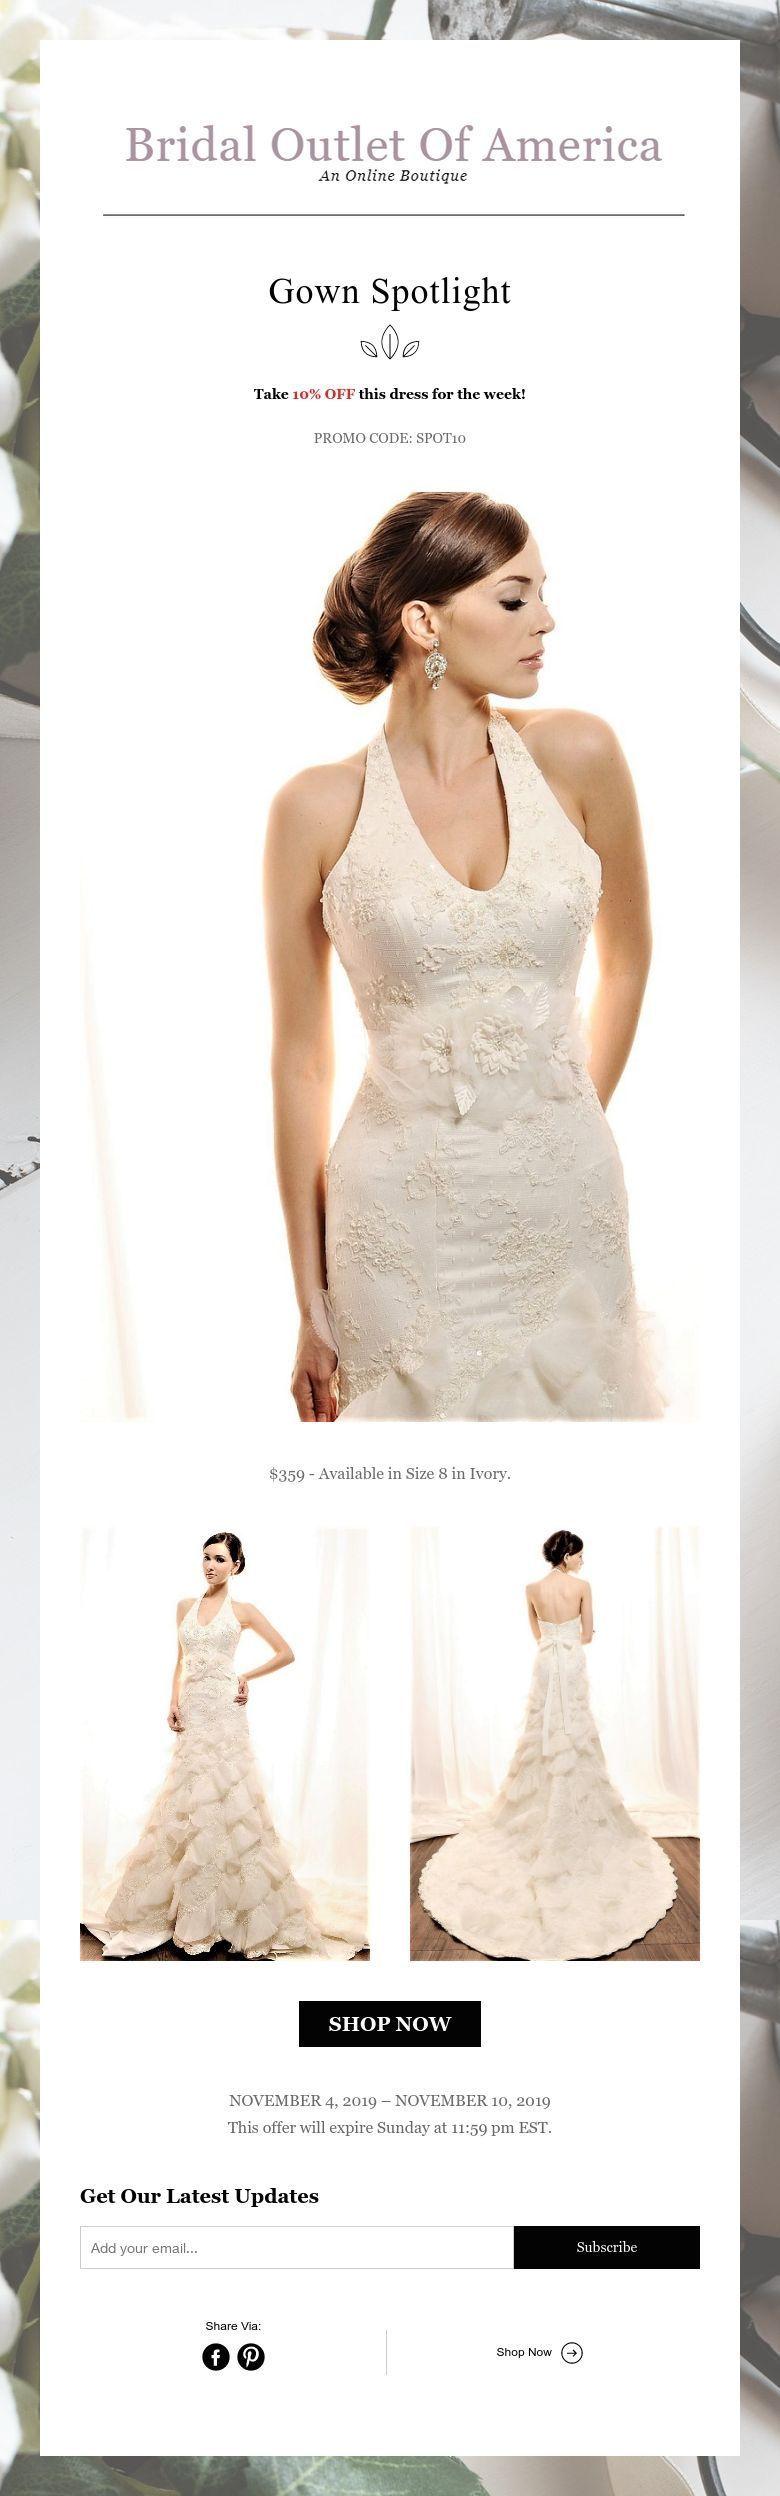 Gown Spotlight Cheap Wedding Dresses Online Cheap Wedding Dress Gowns